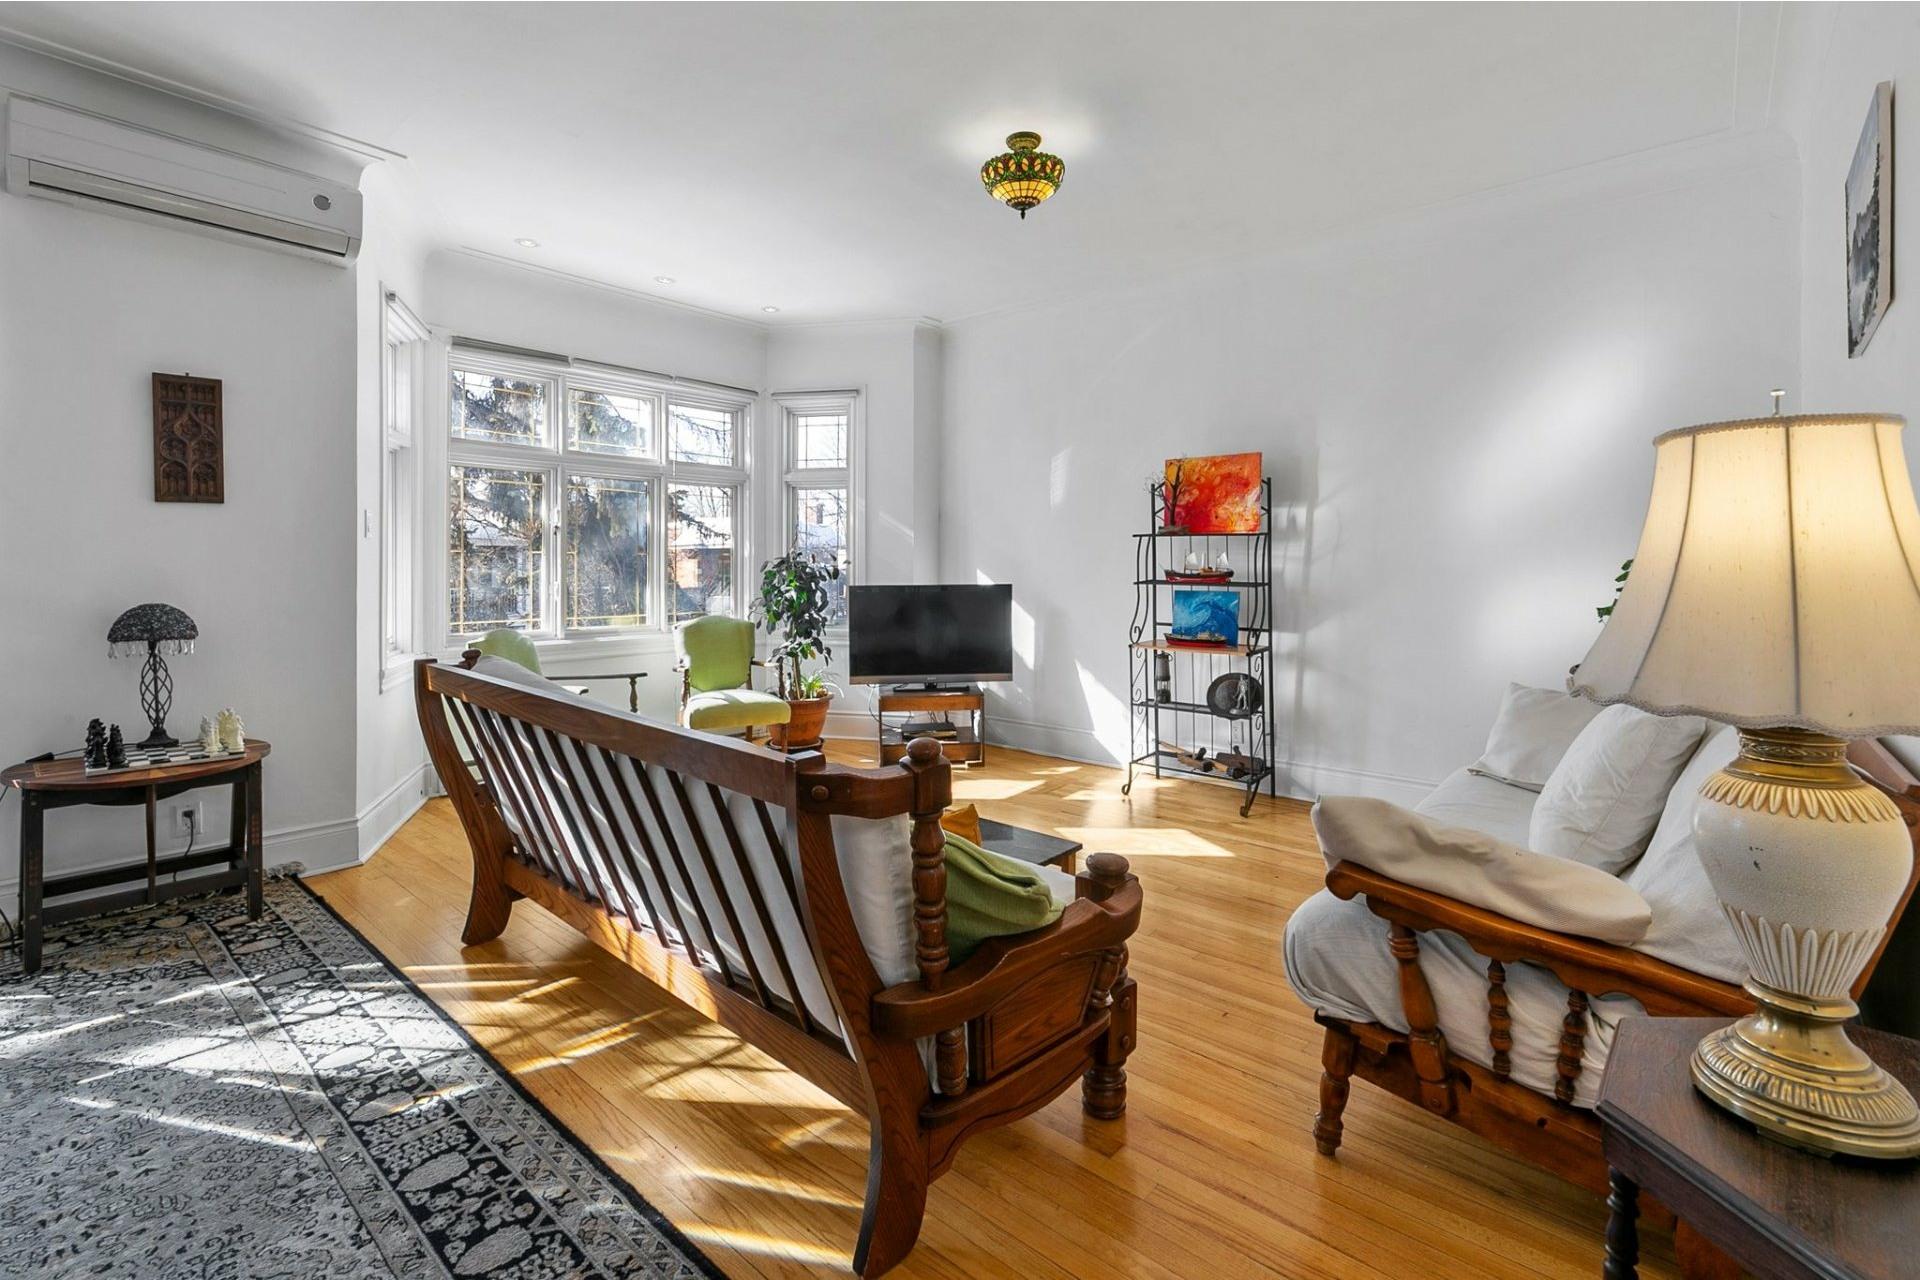 image 2 - Appartement À vendre Côte-des-Neiges/Notre-Dame-de-Grâce Montréal  - 10 pièces